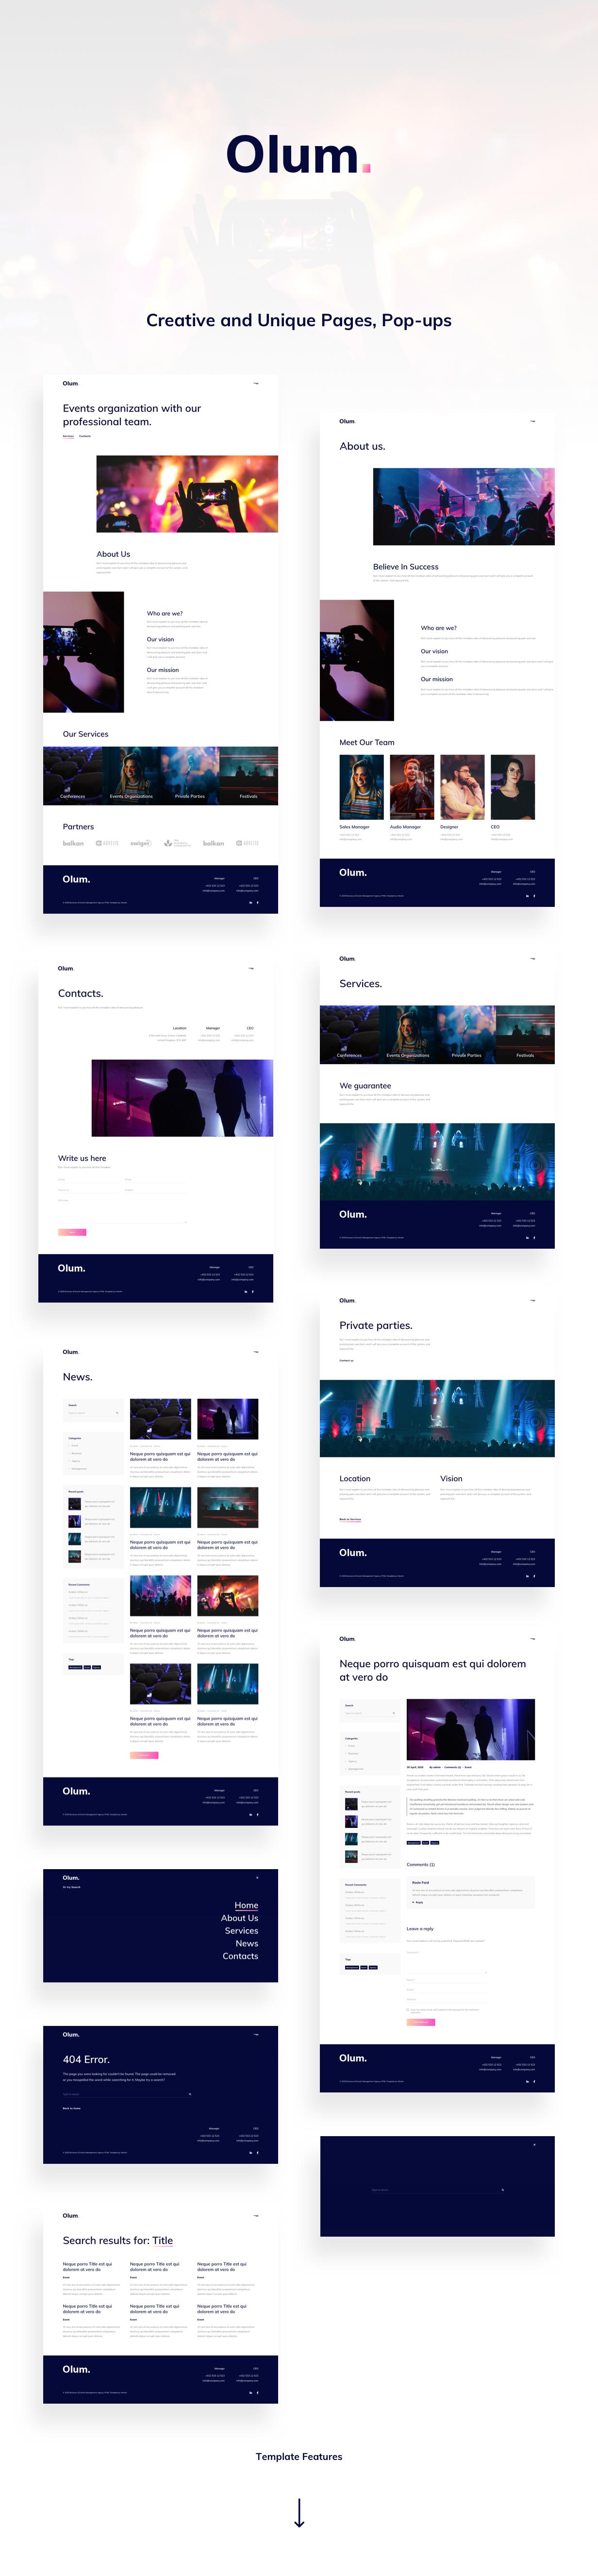 Olum Adobe XD Presentation